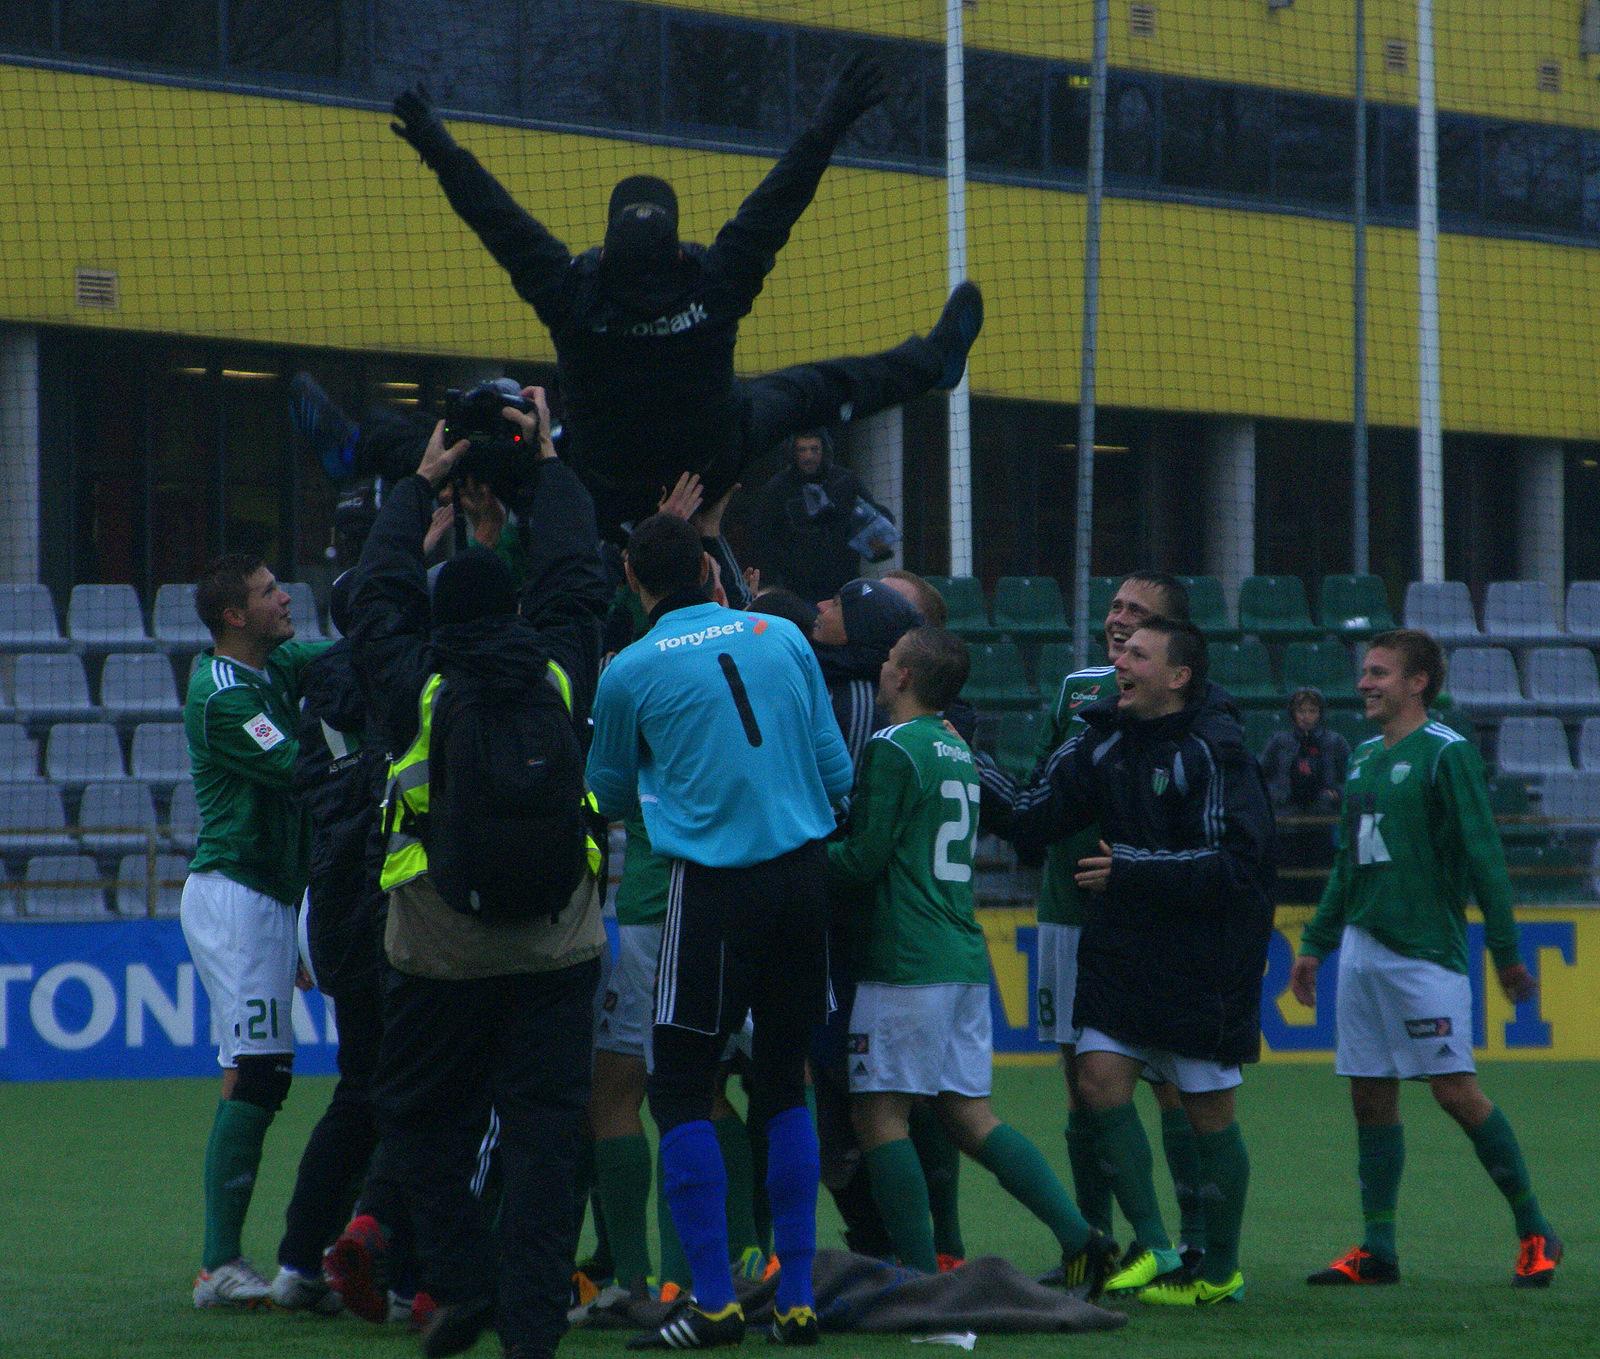 a1f3d3121af Meistriliiga 2013: Parimad treenerid, fännid, ämbrid... - Soccernet ...